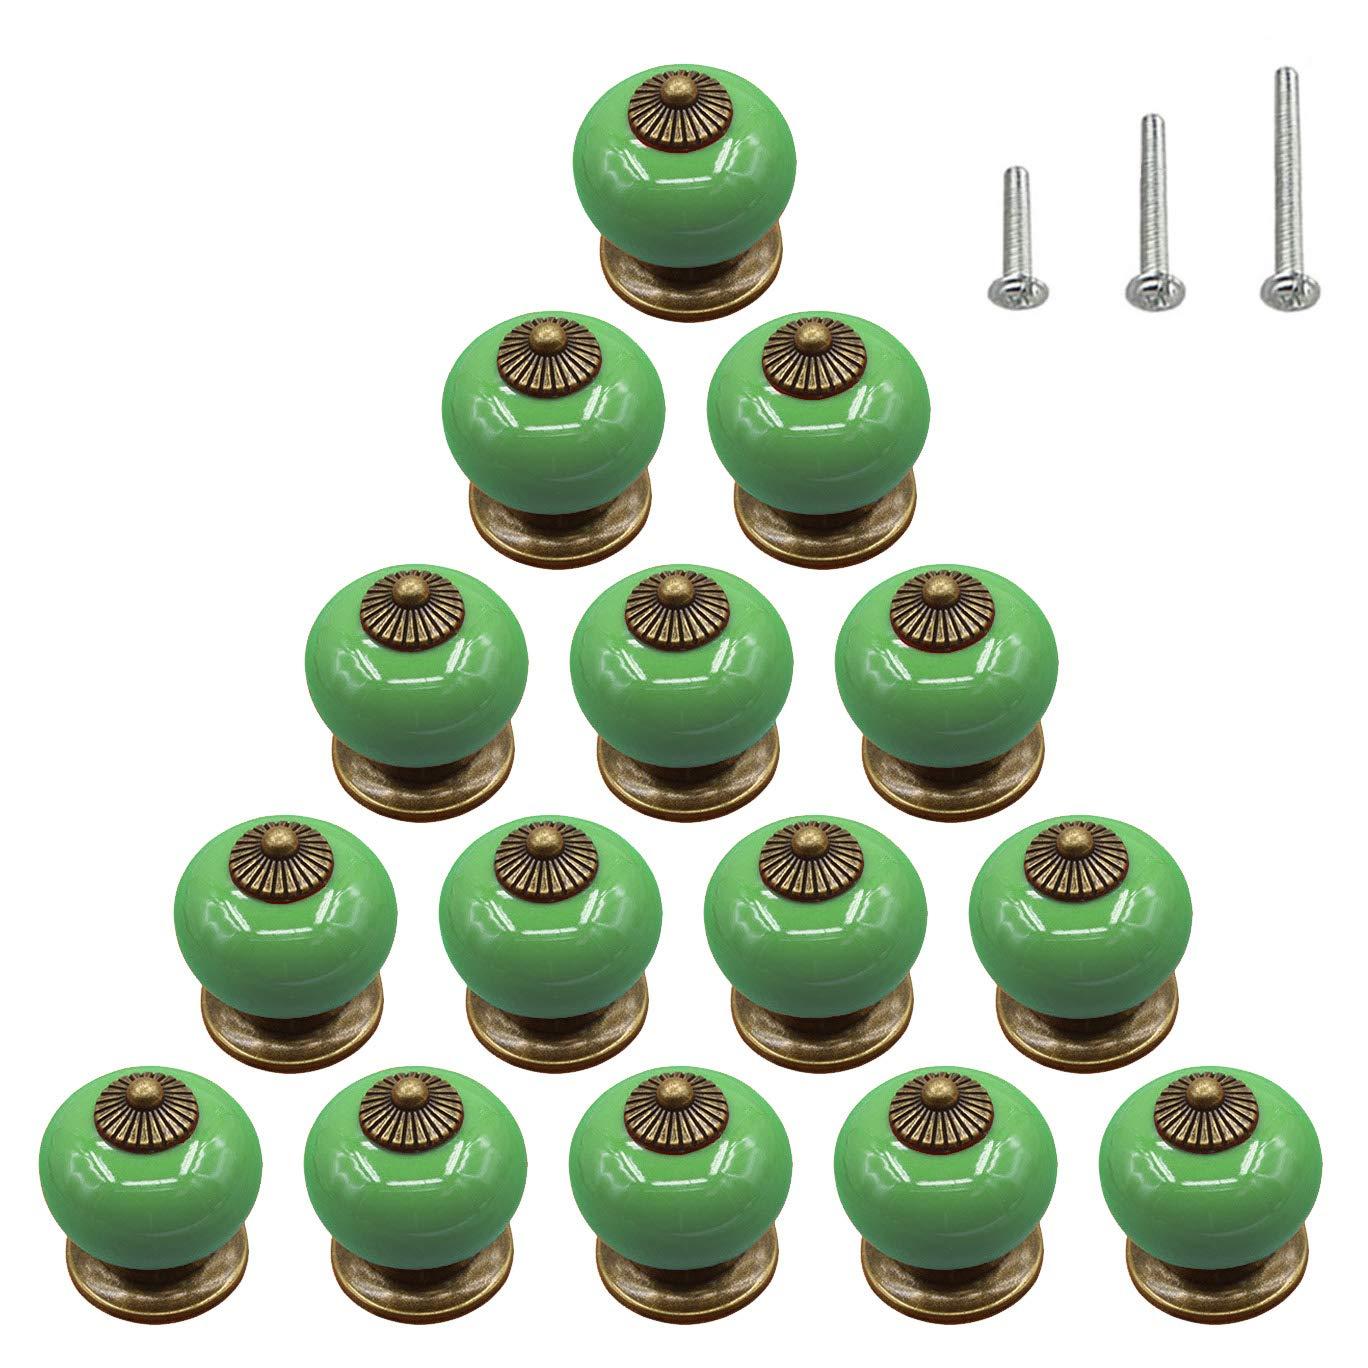 15PCS Green Ceramic Knobs Glossy Round Bead Dresser Vintage Cabinet Pulls Kid Cupboard Wardrobe Drawer Door Handles Antique Brass,Diameter 1.34 inch (34mm)